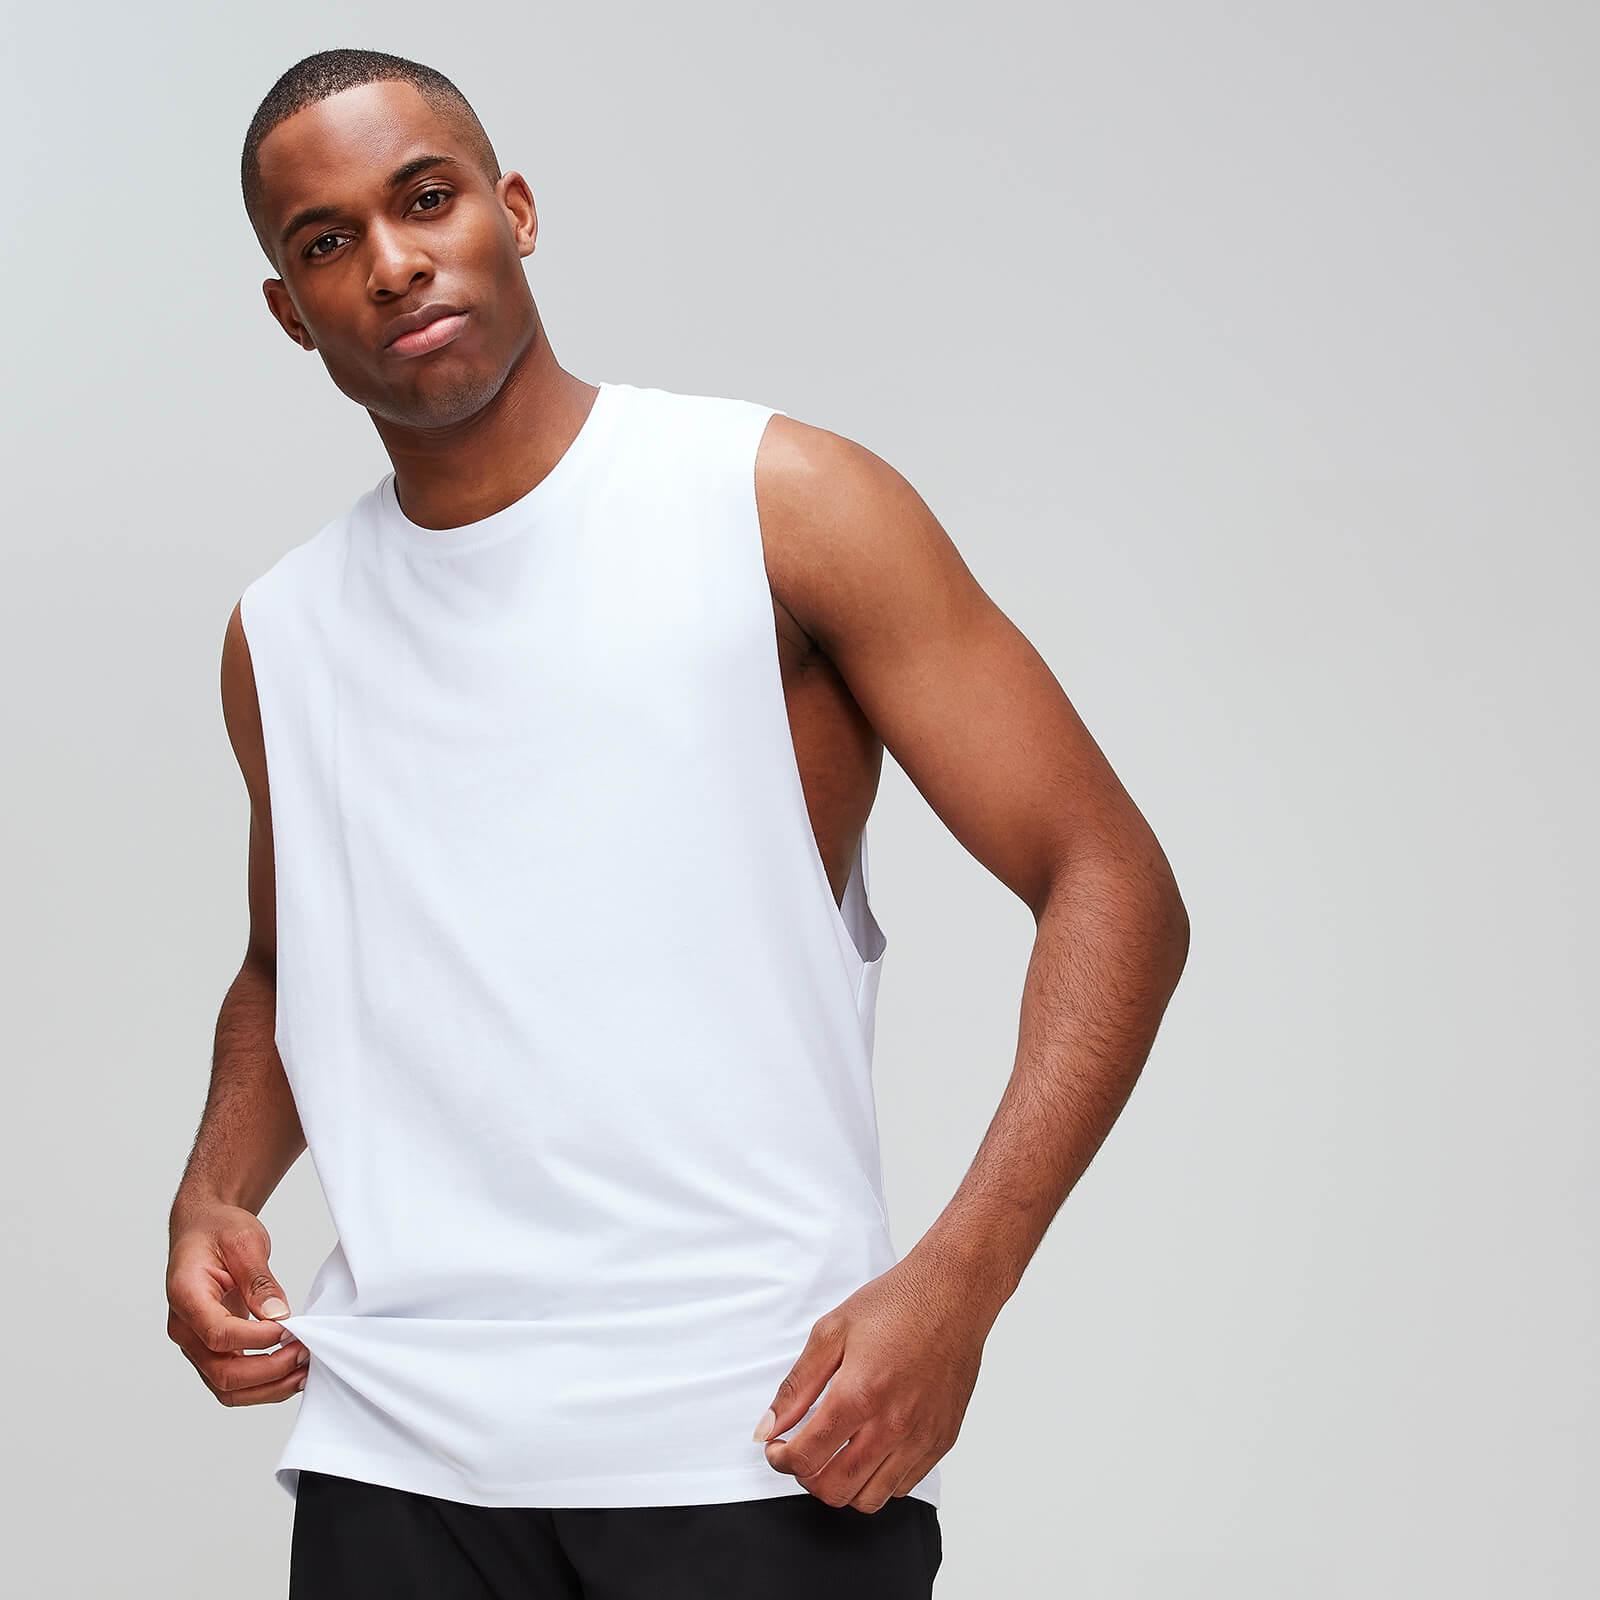 Débardeur à emmanchures échancrées MP Luxe Classic pour hommes – Blanc - S